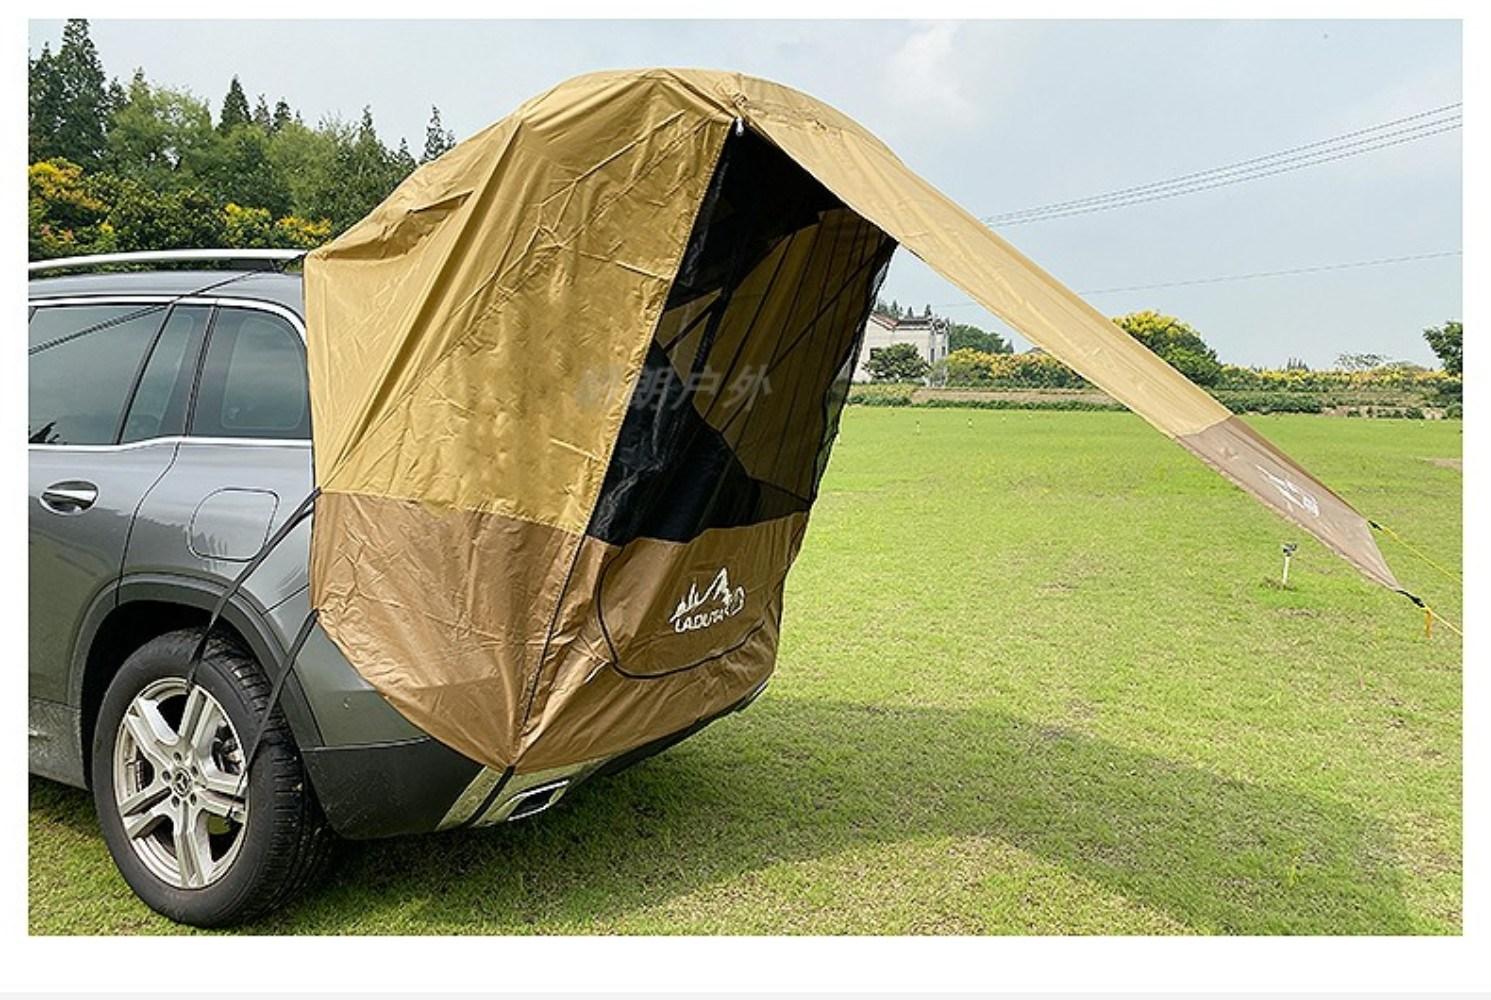 카캠핑 차크닉 차박용 타프 텐트 실 윙 도킹 트렁크 타프 카쉘터 레이 티볼리 투싼 차박